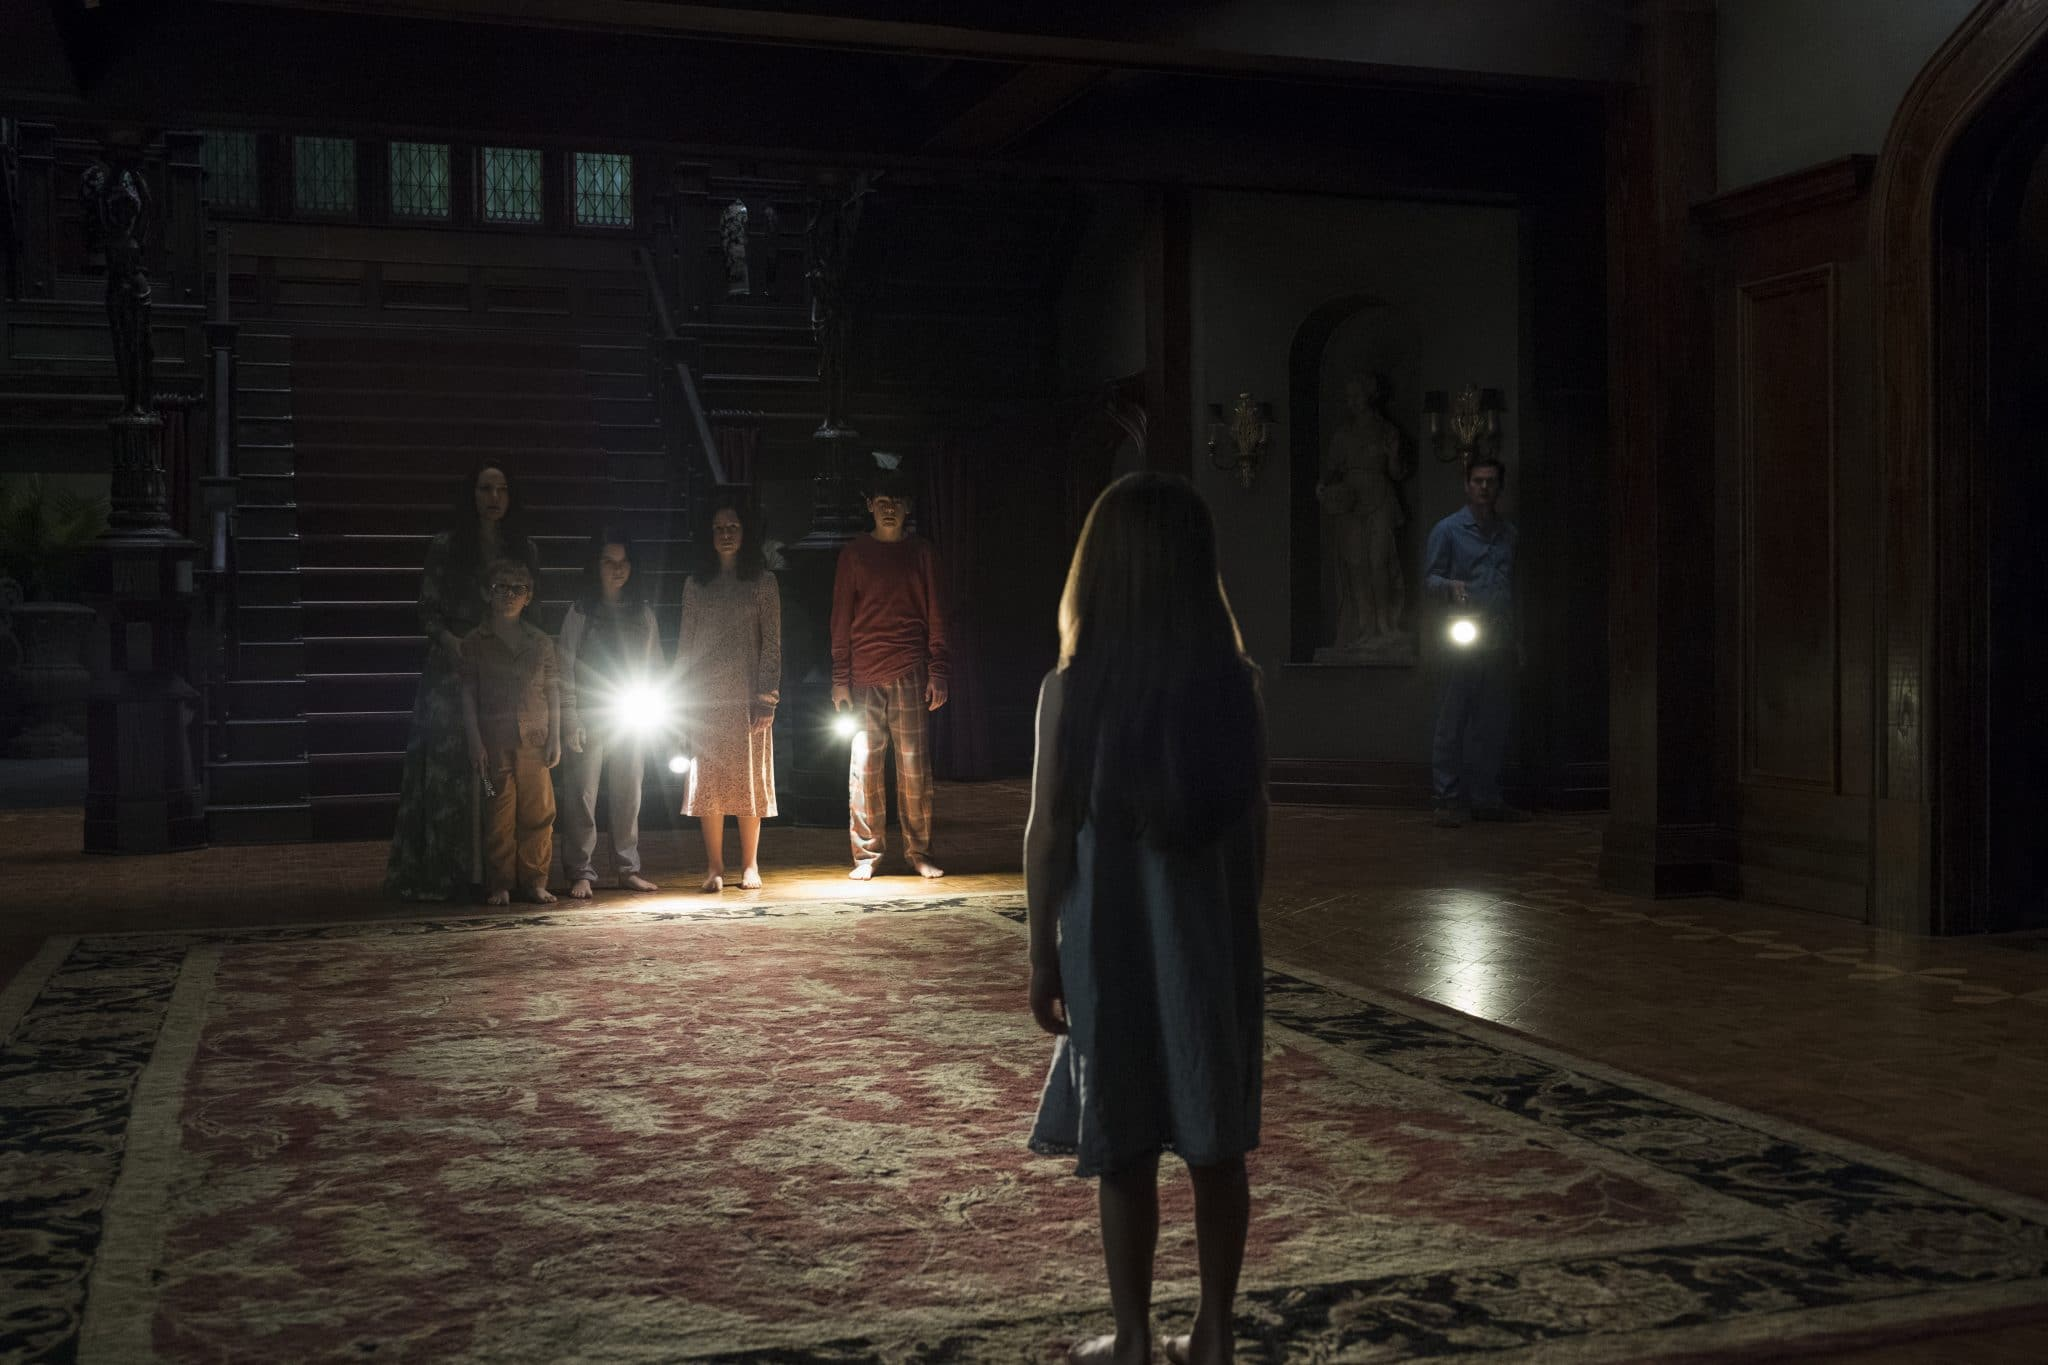 Ein Treppenhaus nur von Taschenlampen erhellt mit einem riesigen Teppich auf dem Boden. Man sieht ein kleines Mädchen von Hinten und hinten im Bild vier Kinder mit ihrer Mutter und ganz weit hinten einen weiteren Mann mit Lampe den Raum betreten.